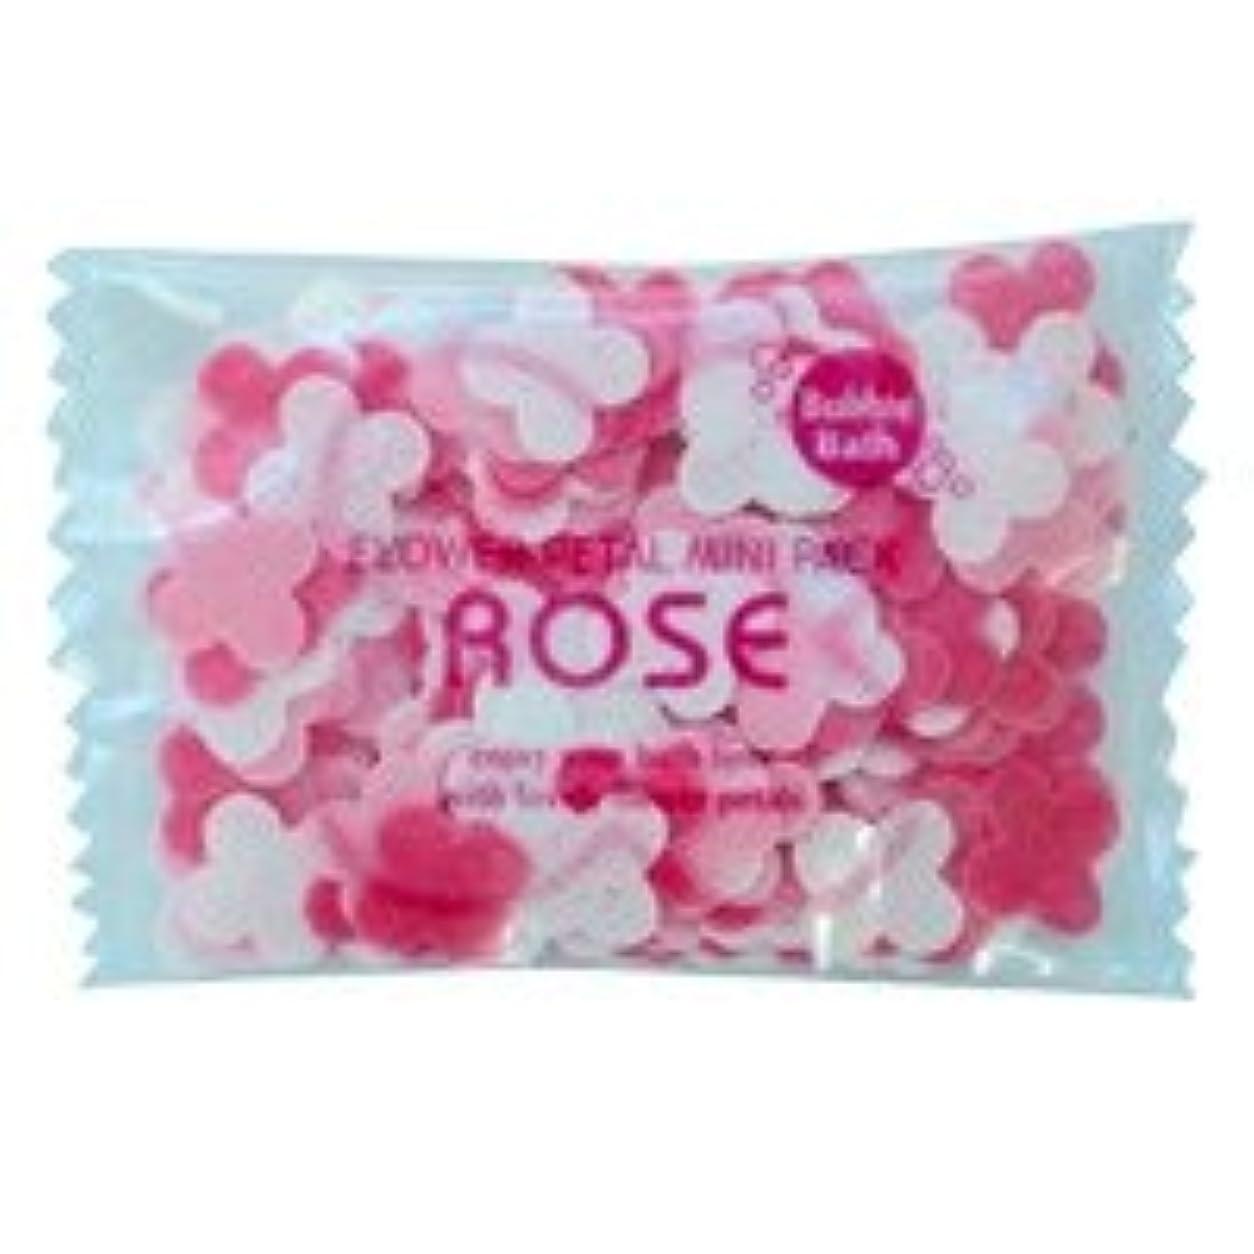 距離キャメル憧れフラワーペタル バブルバス ミニパック「ローズ」20個セット ハッピーな気分になりたい日に幸福感で包んでくれる華やかなローズの香り